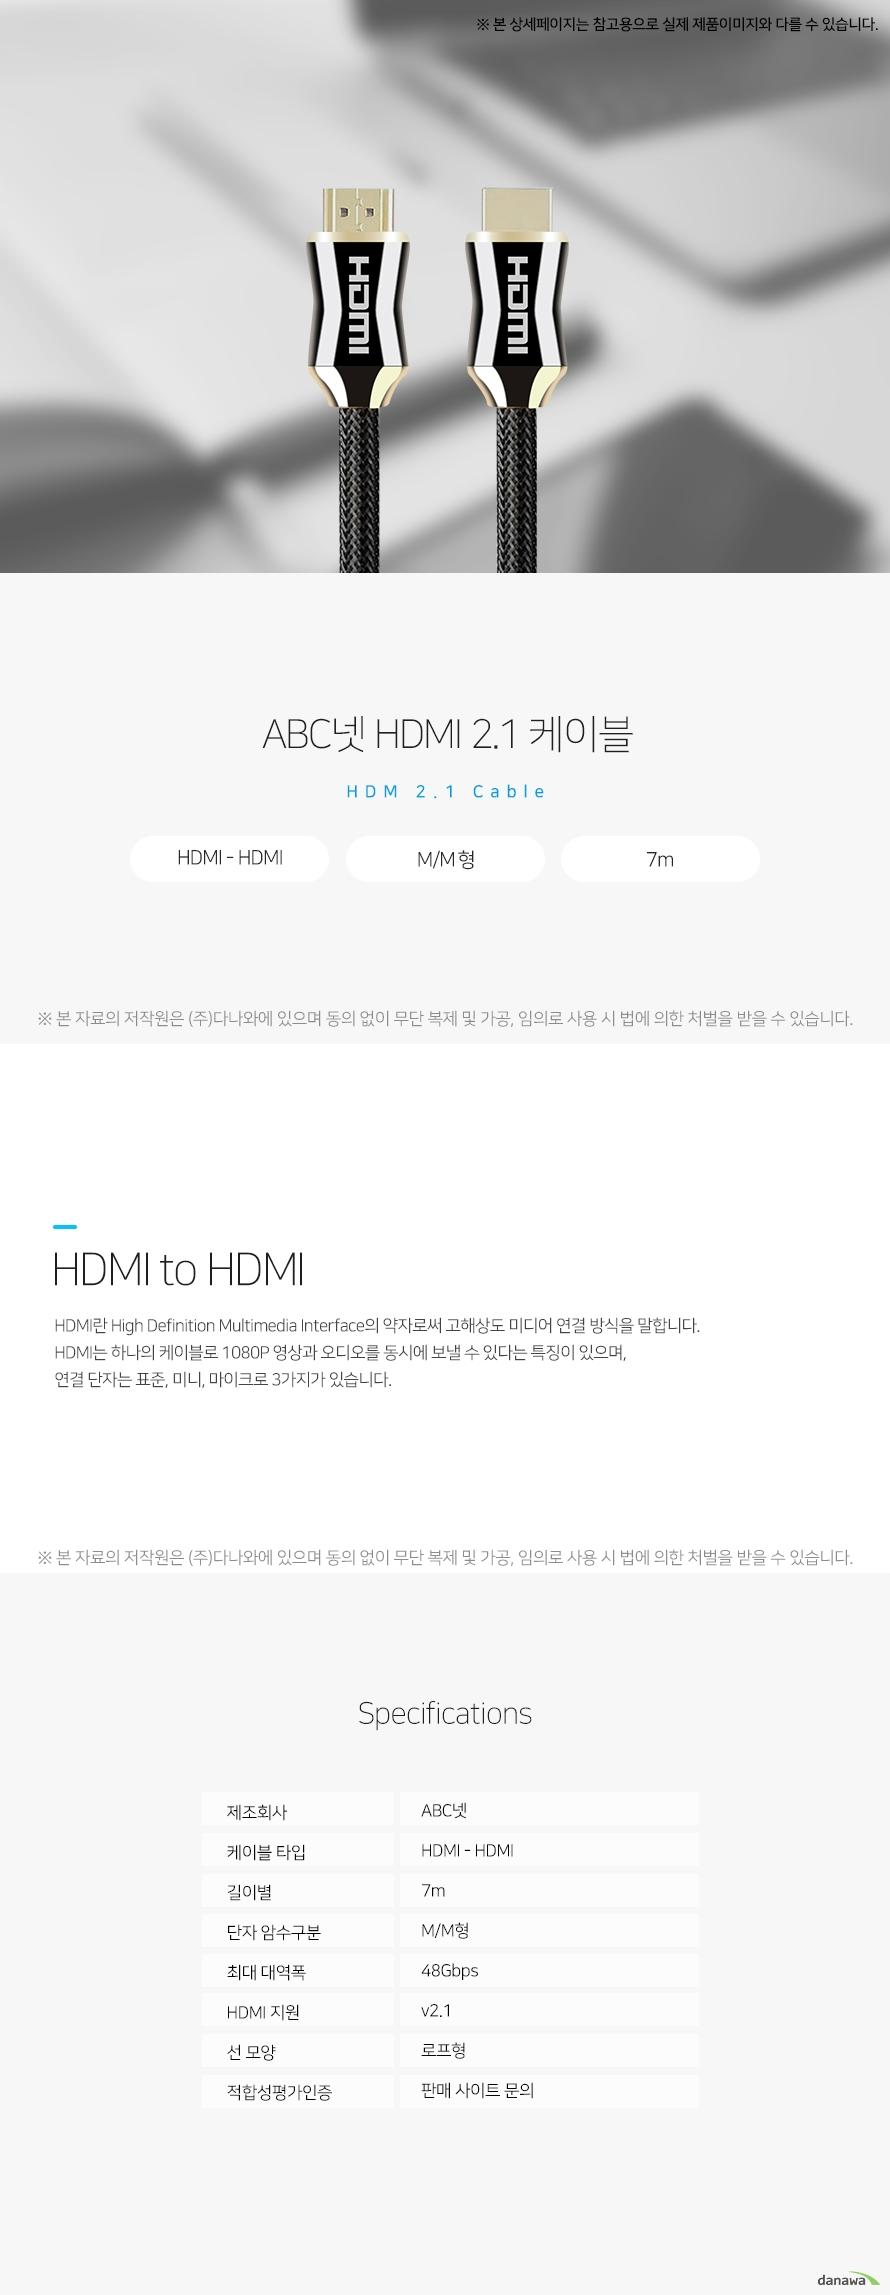 ABC넷 HDMI 2.1 케이블 (7m) 상세 스펙 HDMI 케이블 / HDMI~HDMI / M/M형 / 최대 대역폭: 48Gbps / v2.1 / HDMI / HDR / eARC / 로프형 / 최대 7680x4320 60Hz / QFT, QMS, VRR 지원